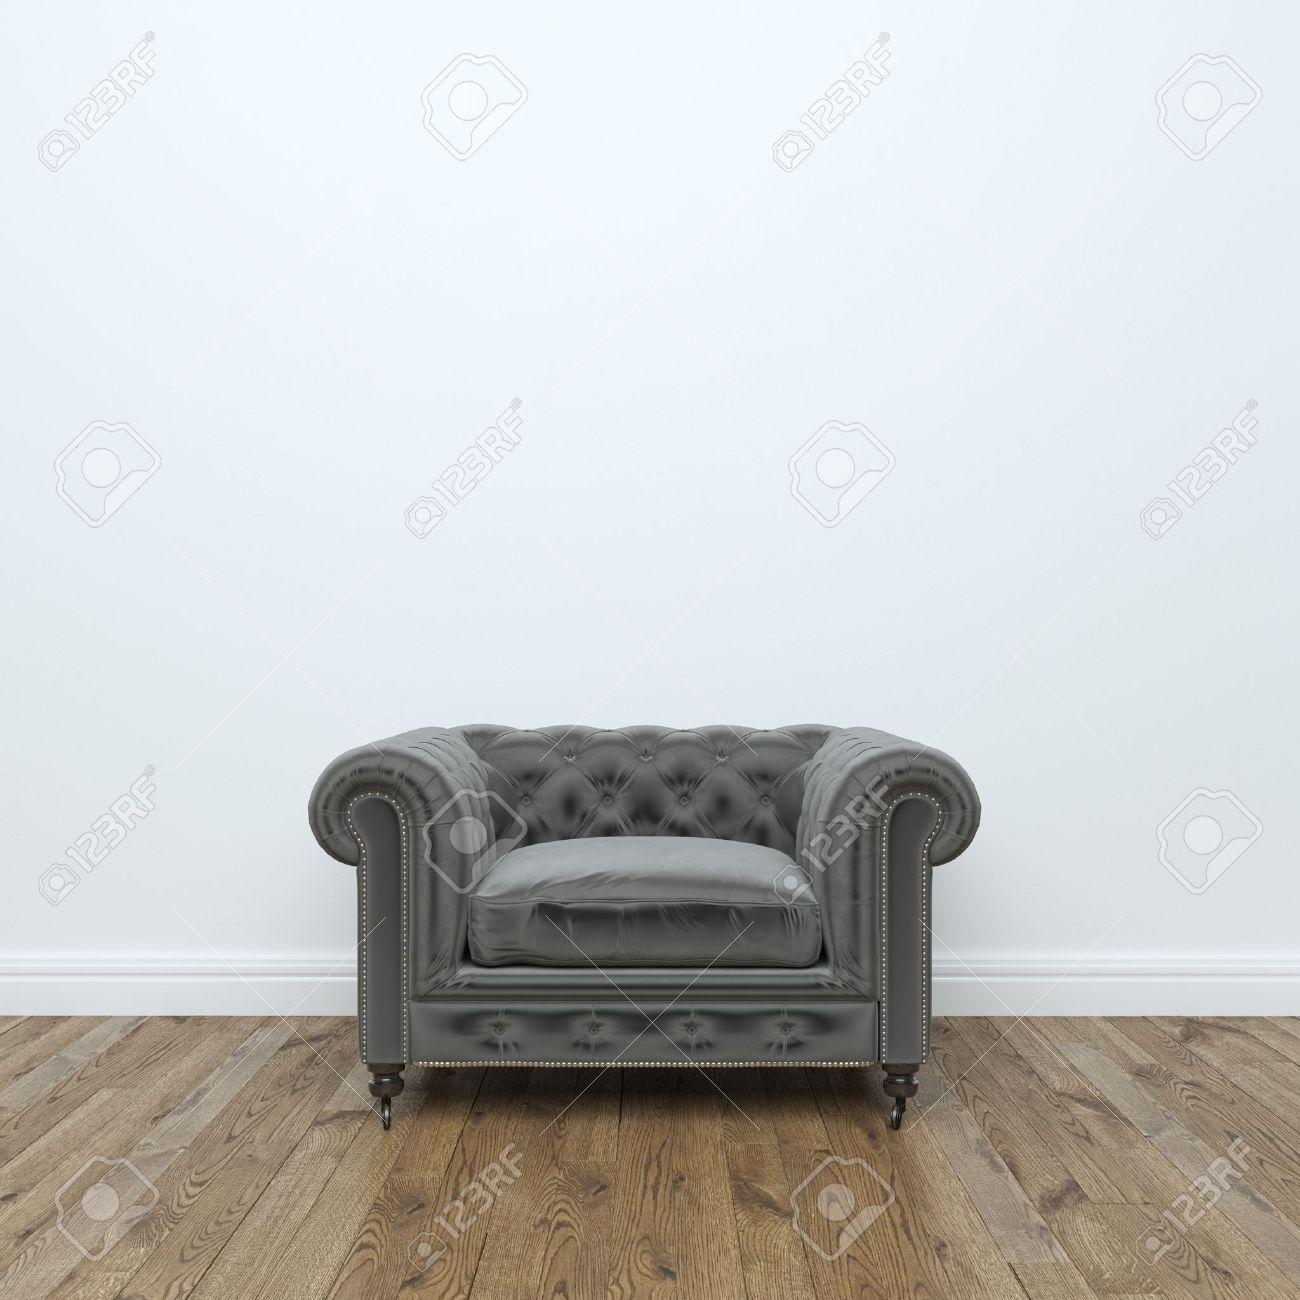 Black velvet Armchair In Empty Interior Room Stock Photo: - 35889740